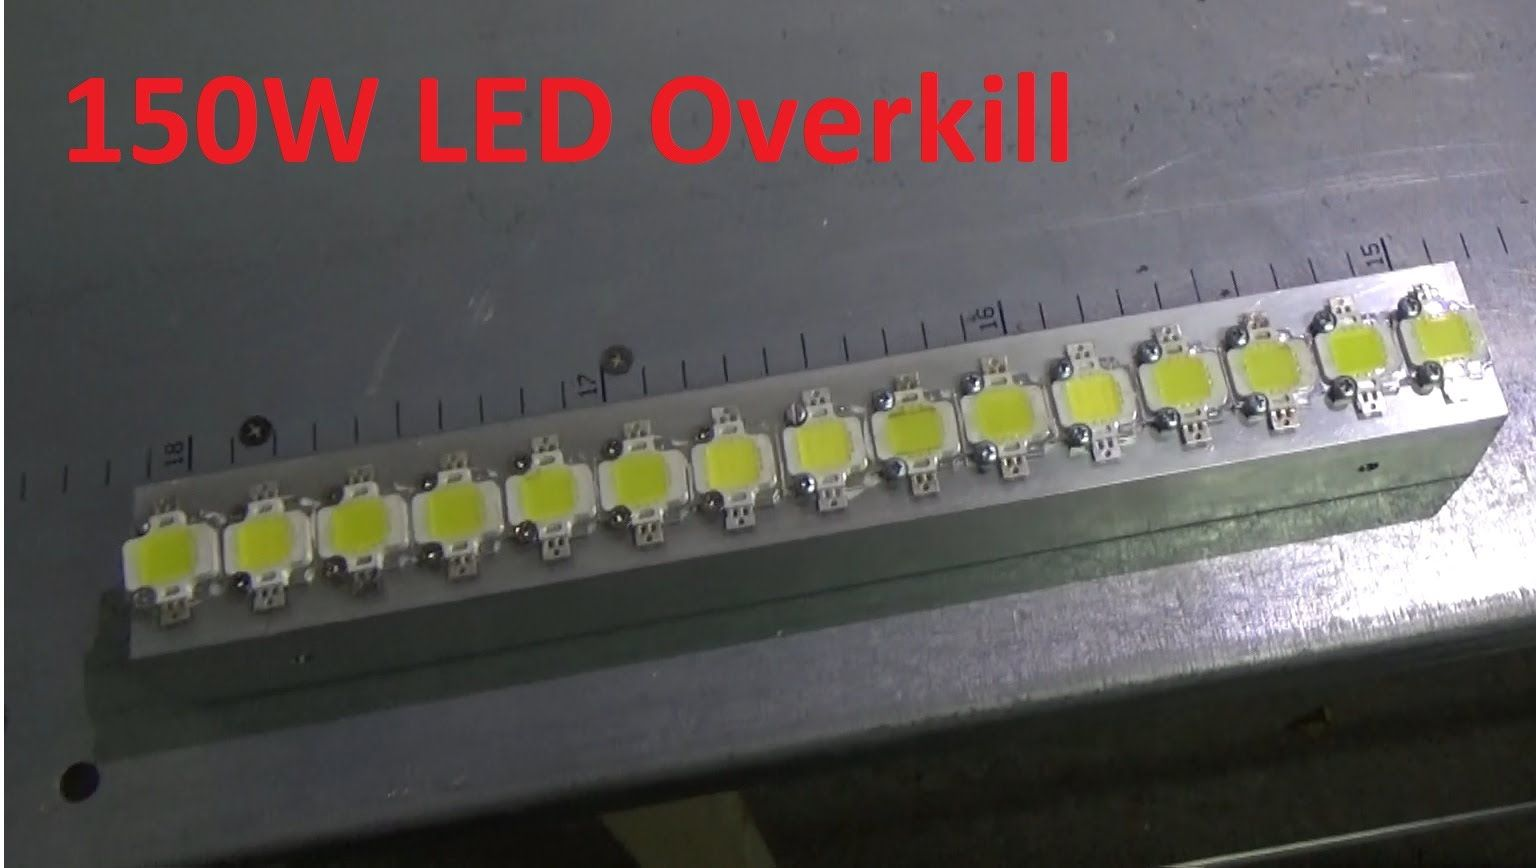 Diy Monster 15 X 10w Led Strip Overkill Led Tape Lighting High Power Led Lights Led